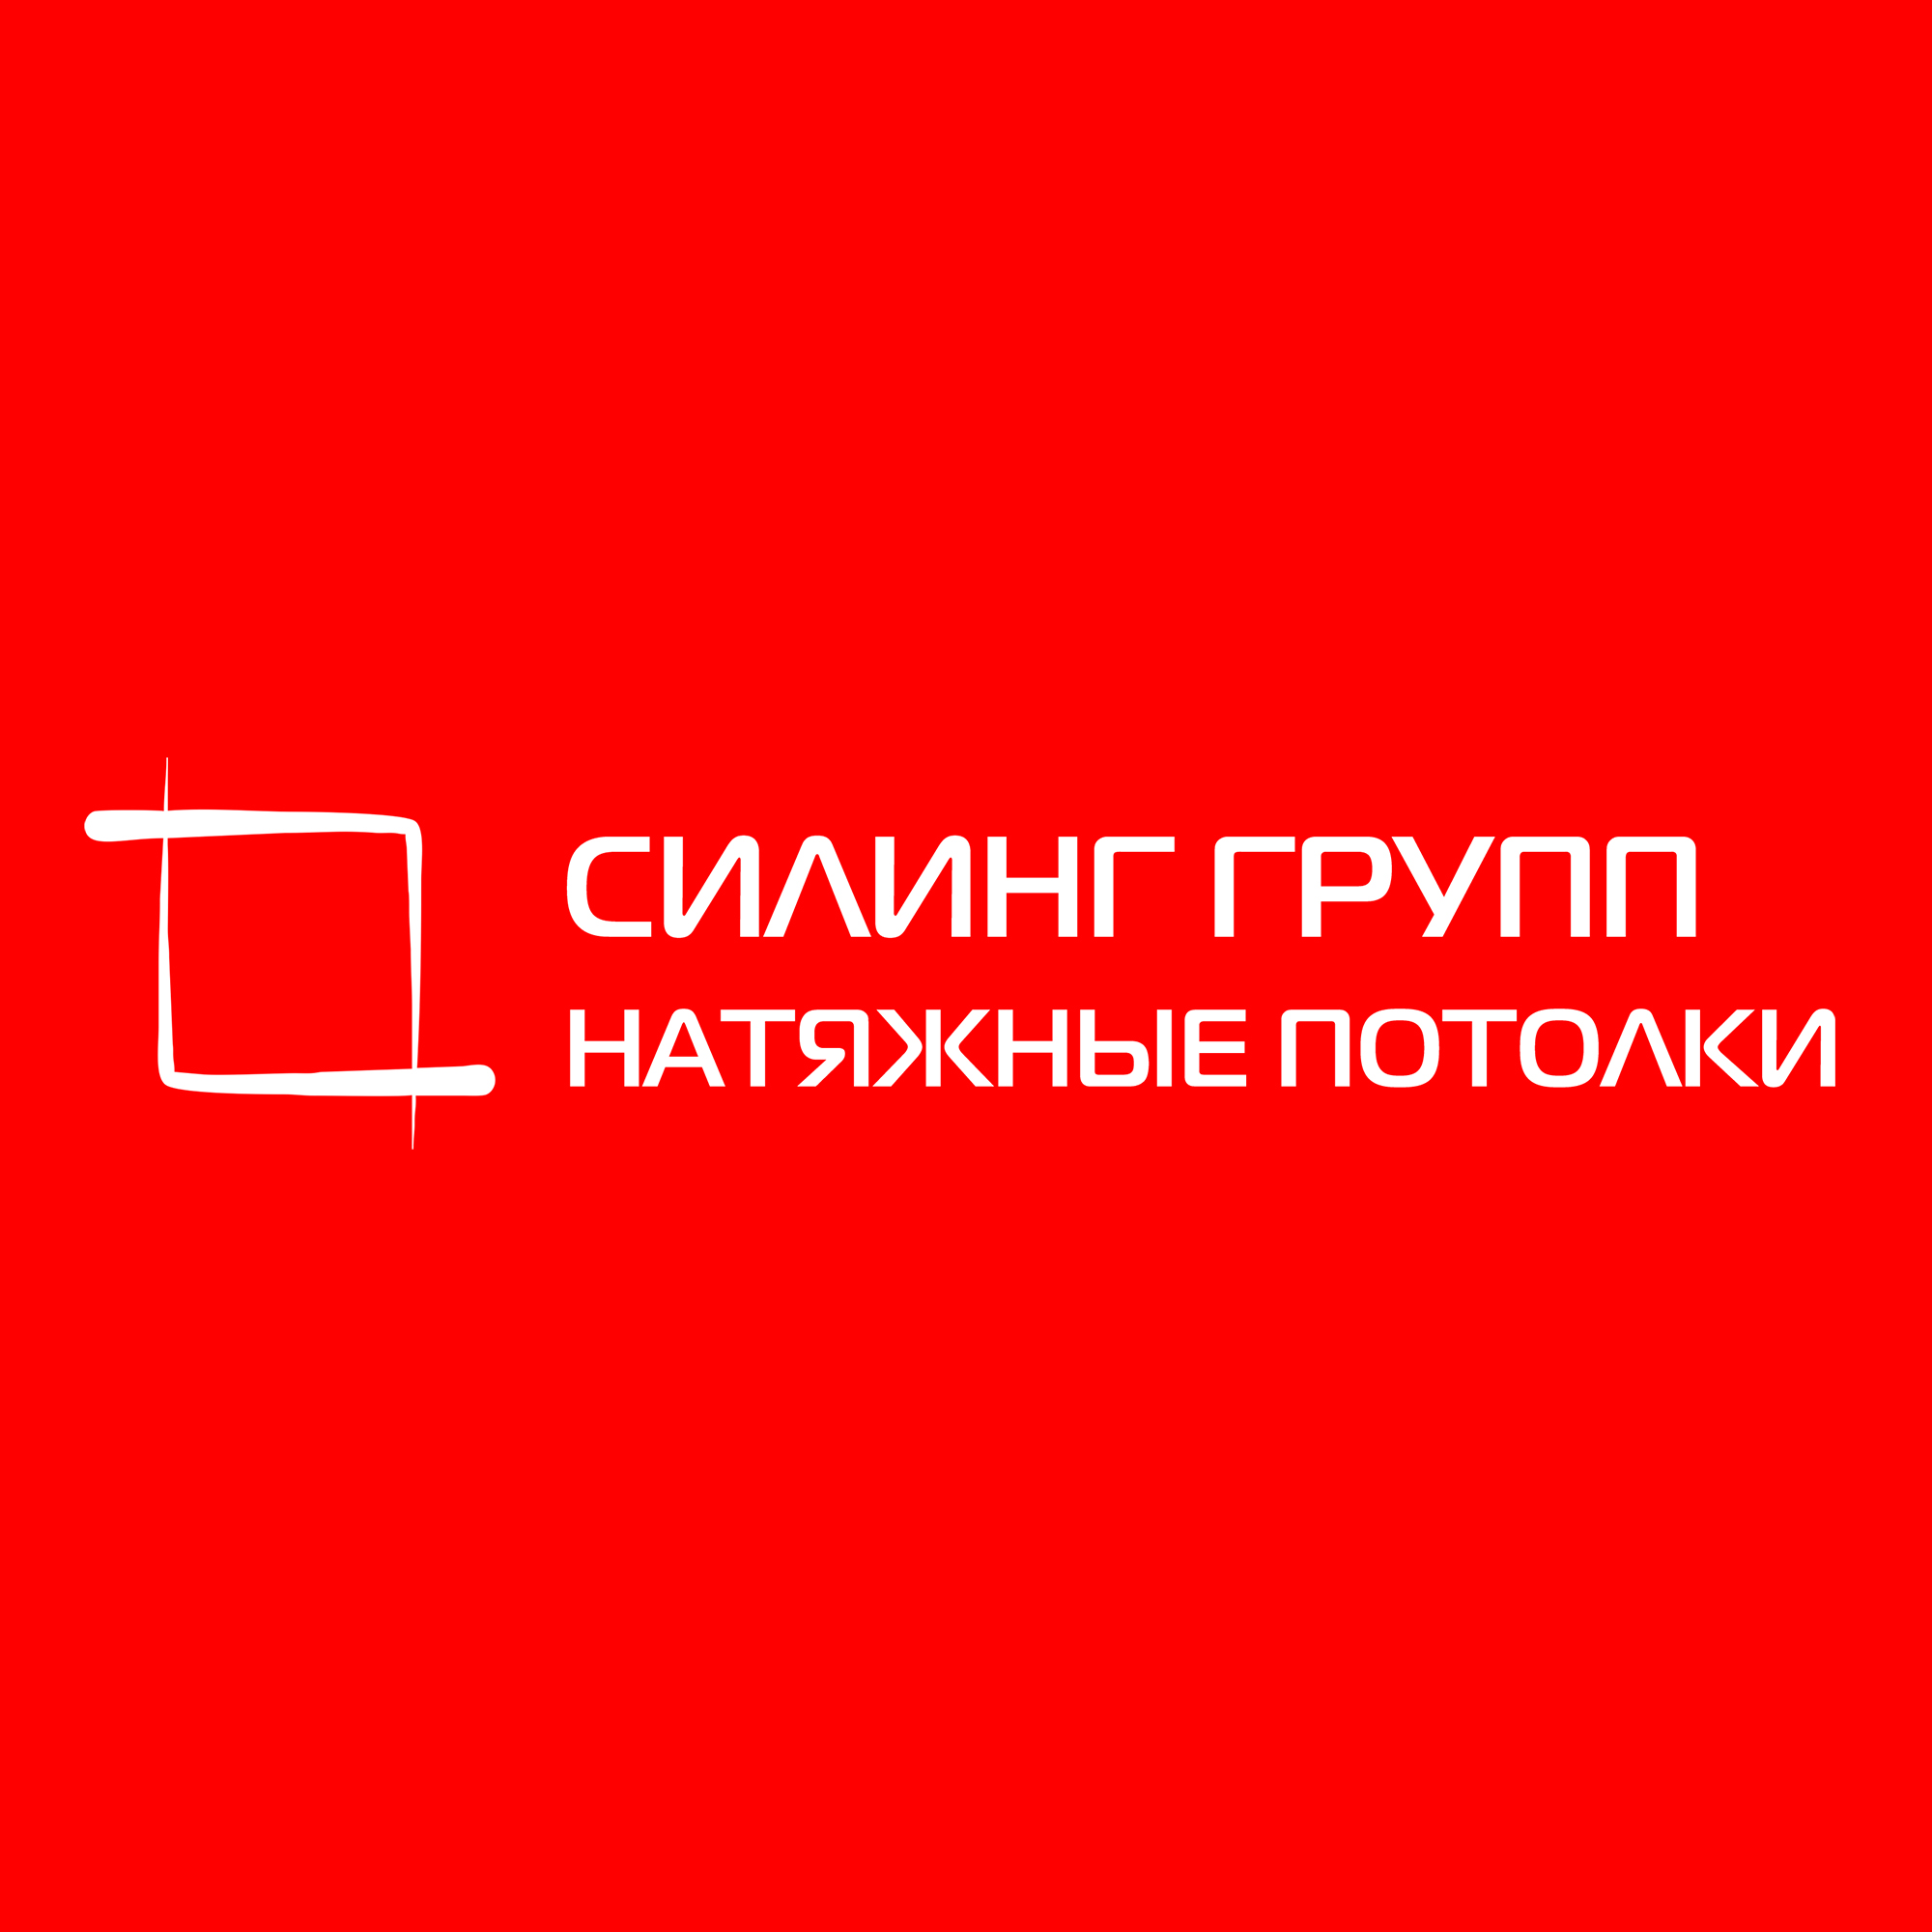 ceiling-group.ru